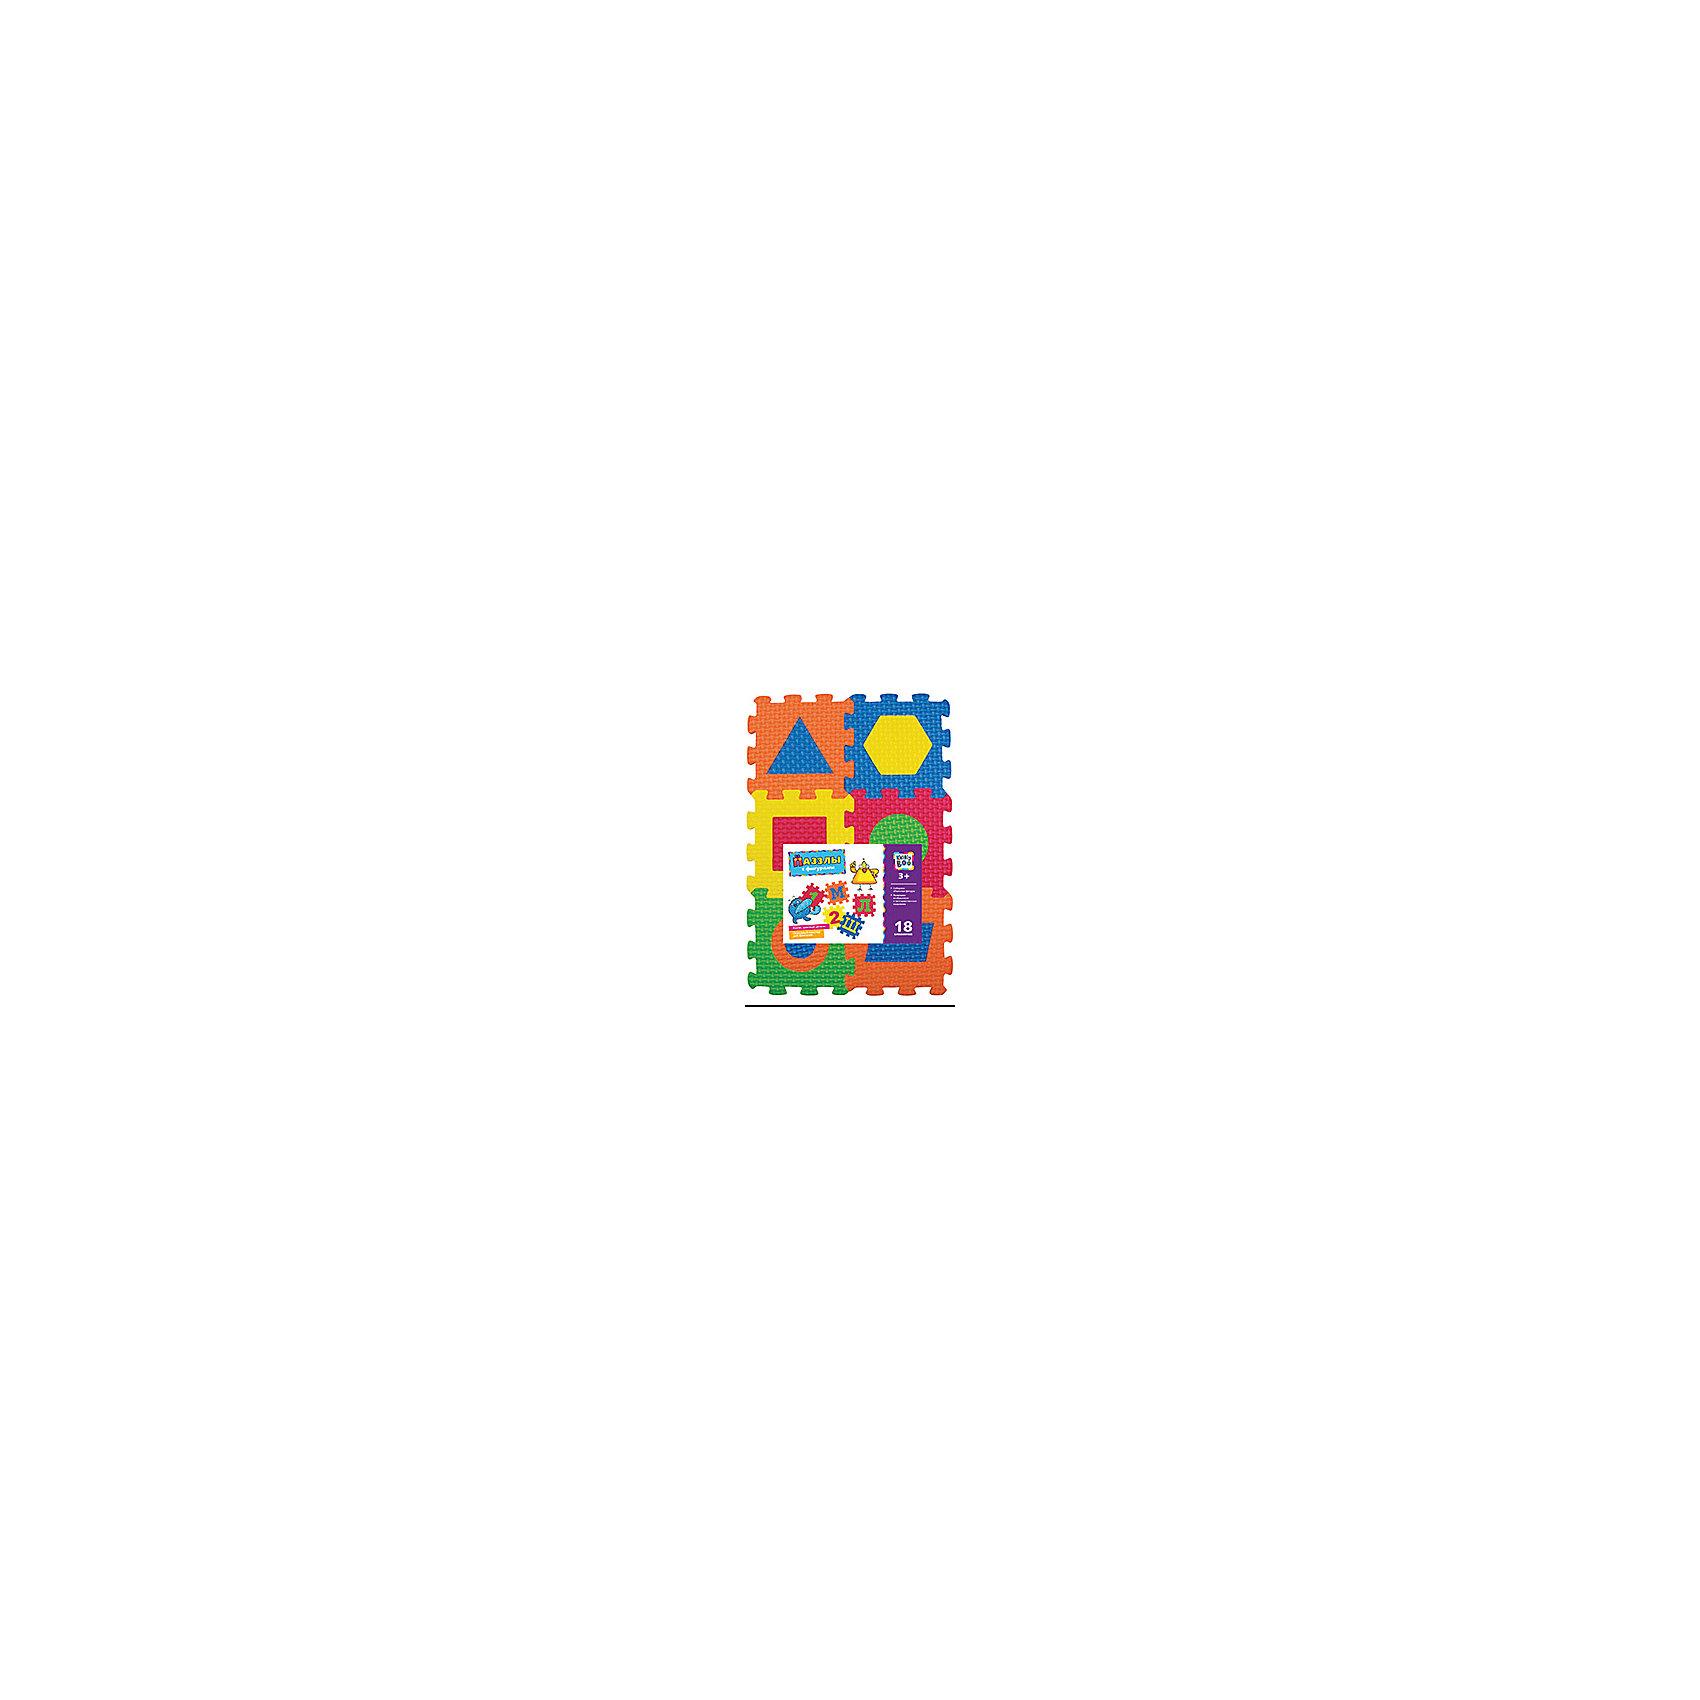 Пазлы с фигурами, 18 элементов, KriblyBooКоличество деталей<br>Пазлы с фигурами, 18 элементов, KriblyBoo (Крибли Бу).<br><br>Характеристики:<br><br>• поможет выучить фигуры и цвета<br>• ребенок сможет сам собрать пазлы<br>• яркий дизайн<br>• количество элементов: 18<br>• размер одного пазла: 7х7 см<br>• материал: ПВХ<br>• размер упаковки: 22х6х25 см<br>• вес: 200 грамм<br><br>Яркие пазлы Крибли Бу помогут вам научить ребенка распознавать геометрические фигуры и цвета. Набор состоит из 18 пазлов одинакового размера. Каждый пазл содержит вкладыш с геометрической фигурой. Вы можете предложить ребенку поставить фигуры на свое место, а затем собрать пазл. Готовый пазл можно использовать в качестве коврика. С ярким пазлом ваш ребенок с радостью выучит геометрические фигуры!<br><br>Пазлы с фигурами, 18 элементов, KriblyBoo (Крибли Бу) вы можете купить в нашем интернет-магазине.<br><br>Ширина мм: 250<br>Глубина мм: 60<br>Высота мм: 220<br>Вес г: 200<br>Возраст от месяцев: 36<br>Возраст до месяцев: 120<br>Пол: Унисекс<br>Возраст: Детский<br>SKU: 5017688